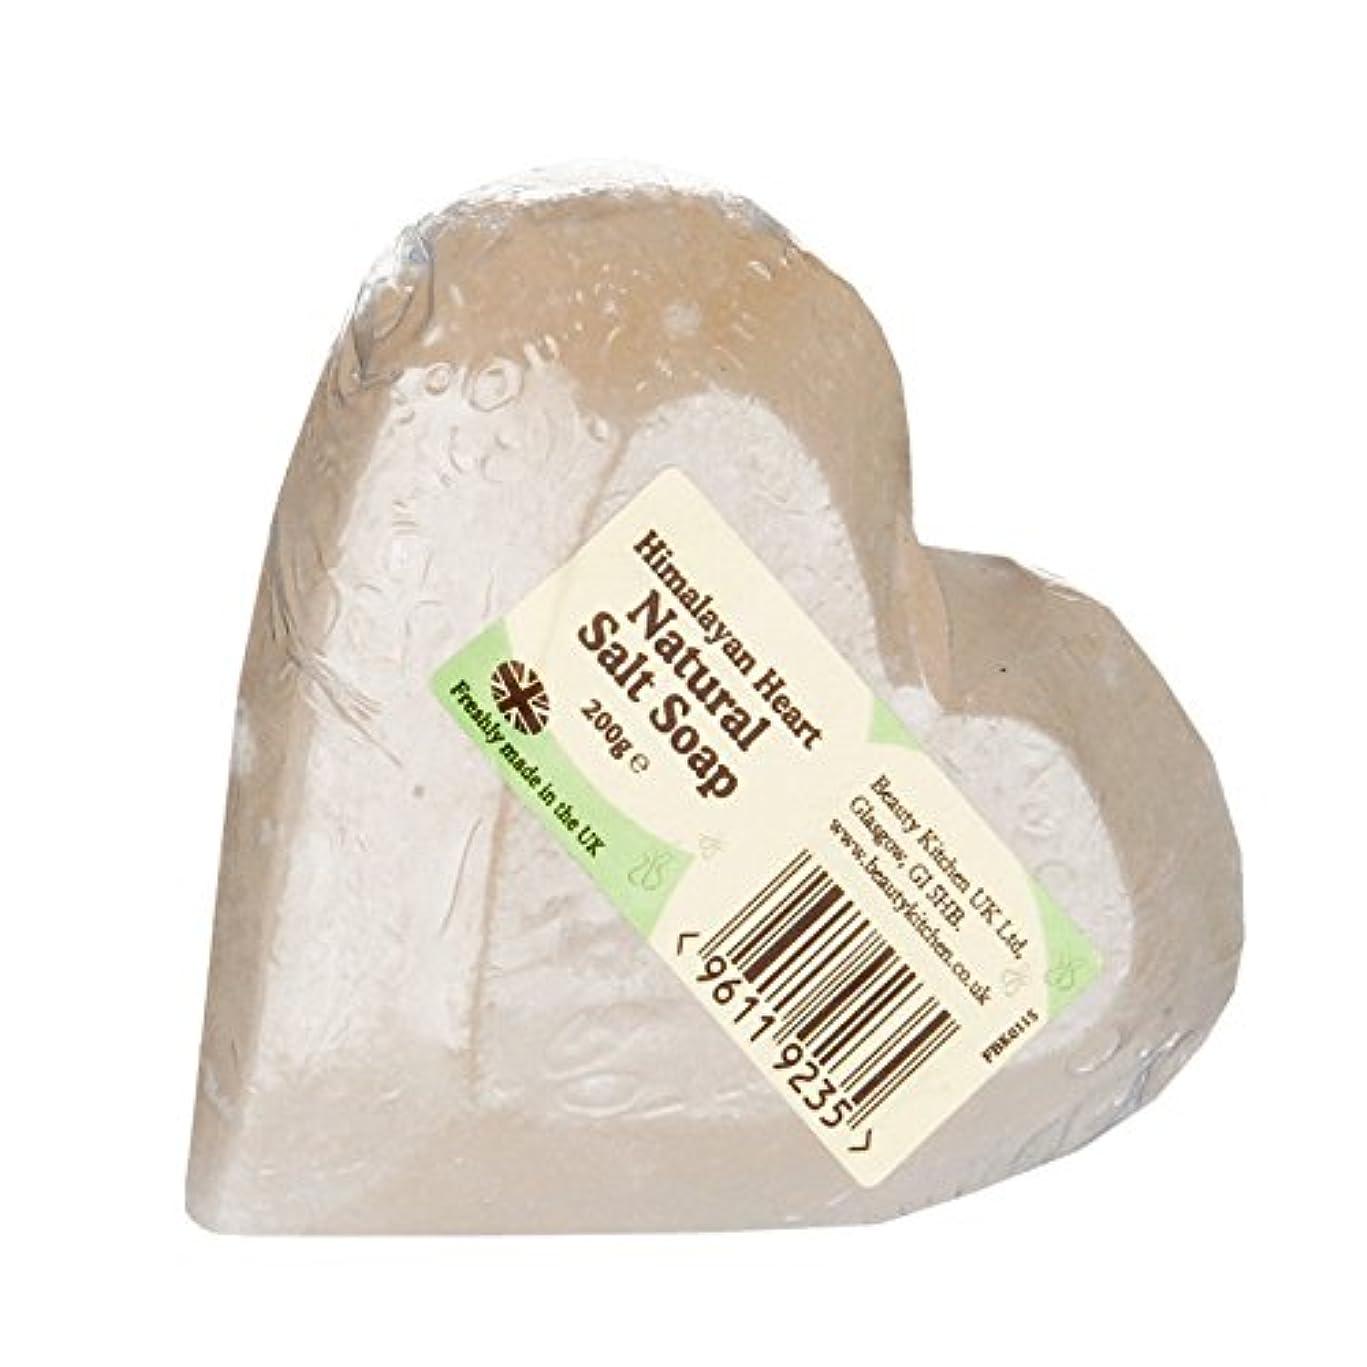 マイクロアサートコジオスコ美容キッチンヒマラヤンハートソープ200グラム - Beauty Kitchen Himalayan Heart Soap 200g (Beauty Kitchen) [並行輸入品]